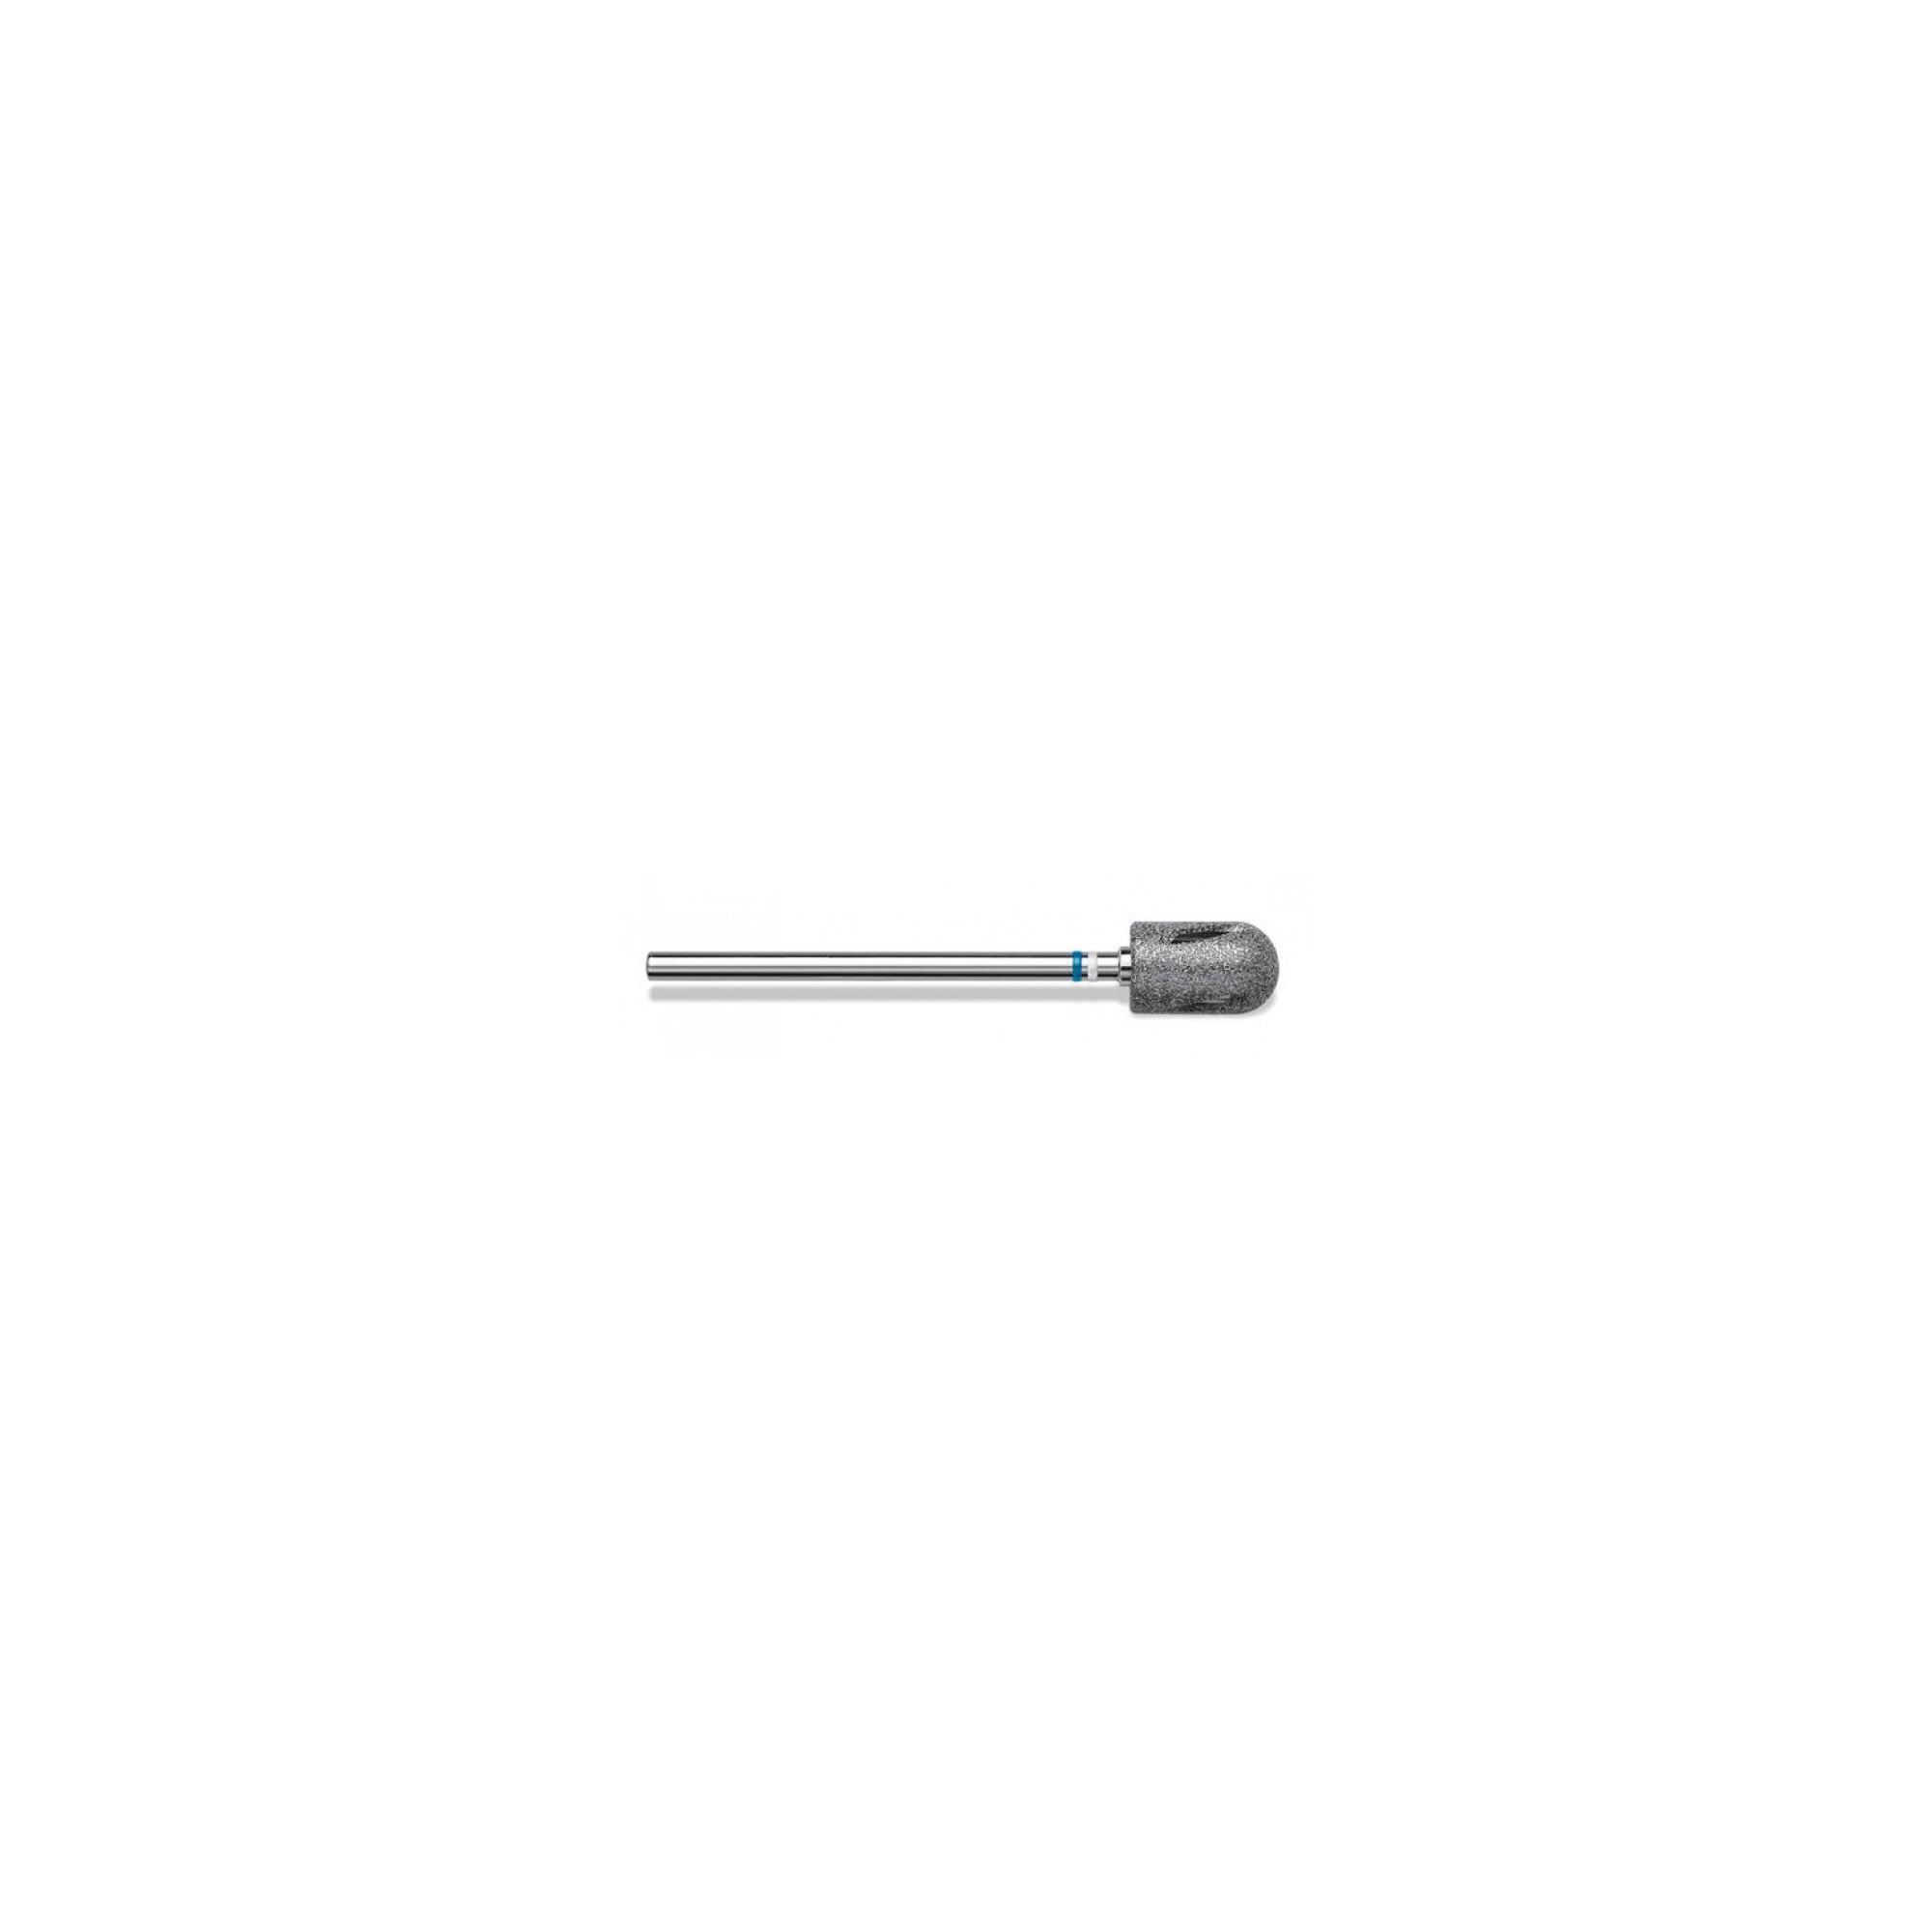 Fraise HYBRID Twister en diamant et céramique - Enlèvement des callosités - Grain moyen - ø7,5mm